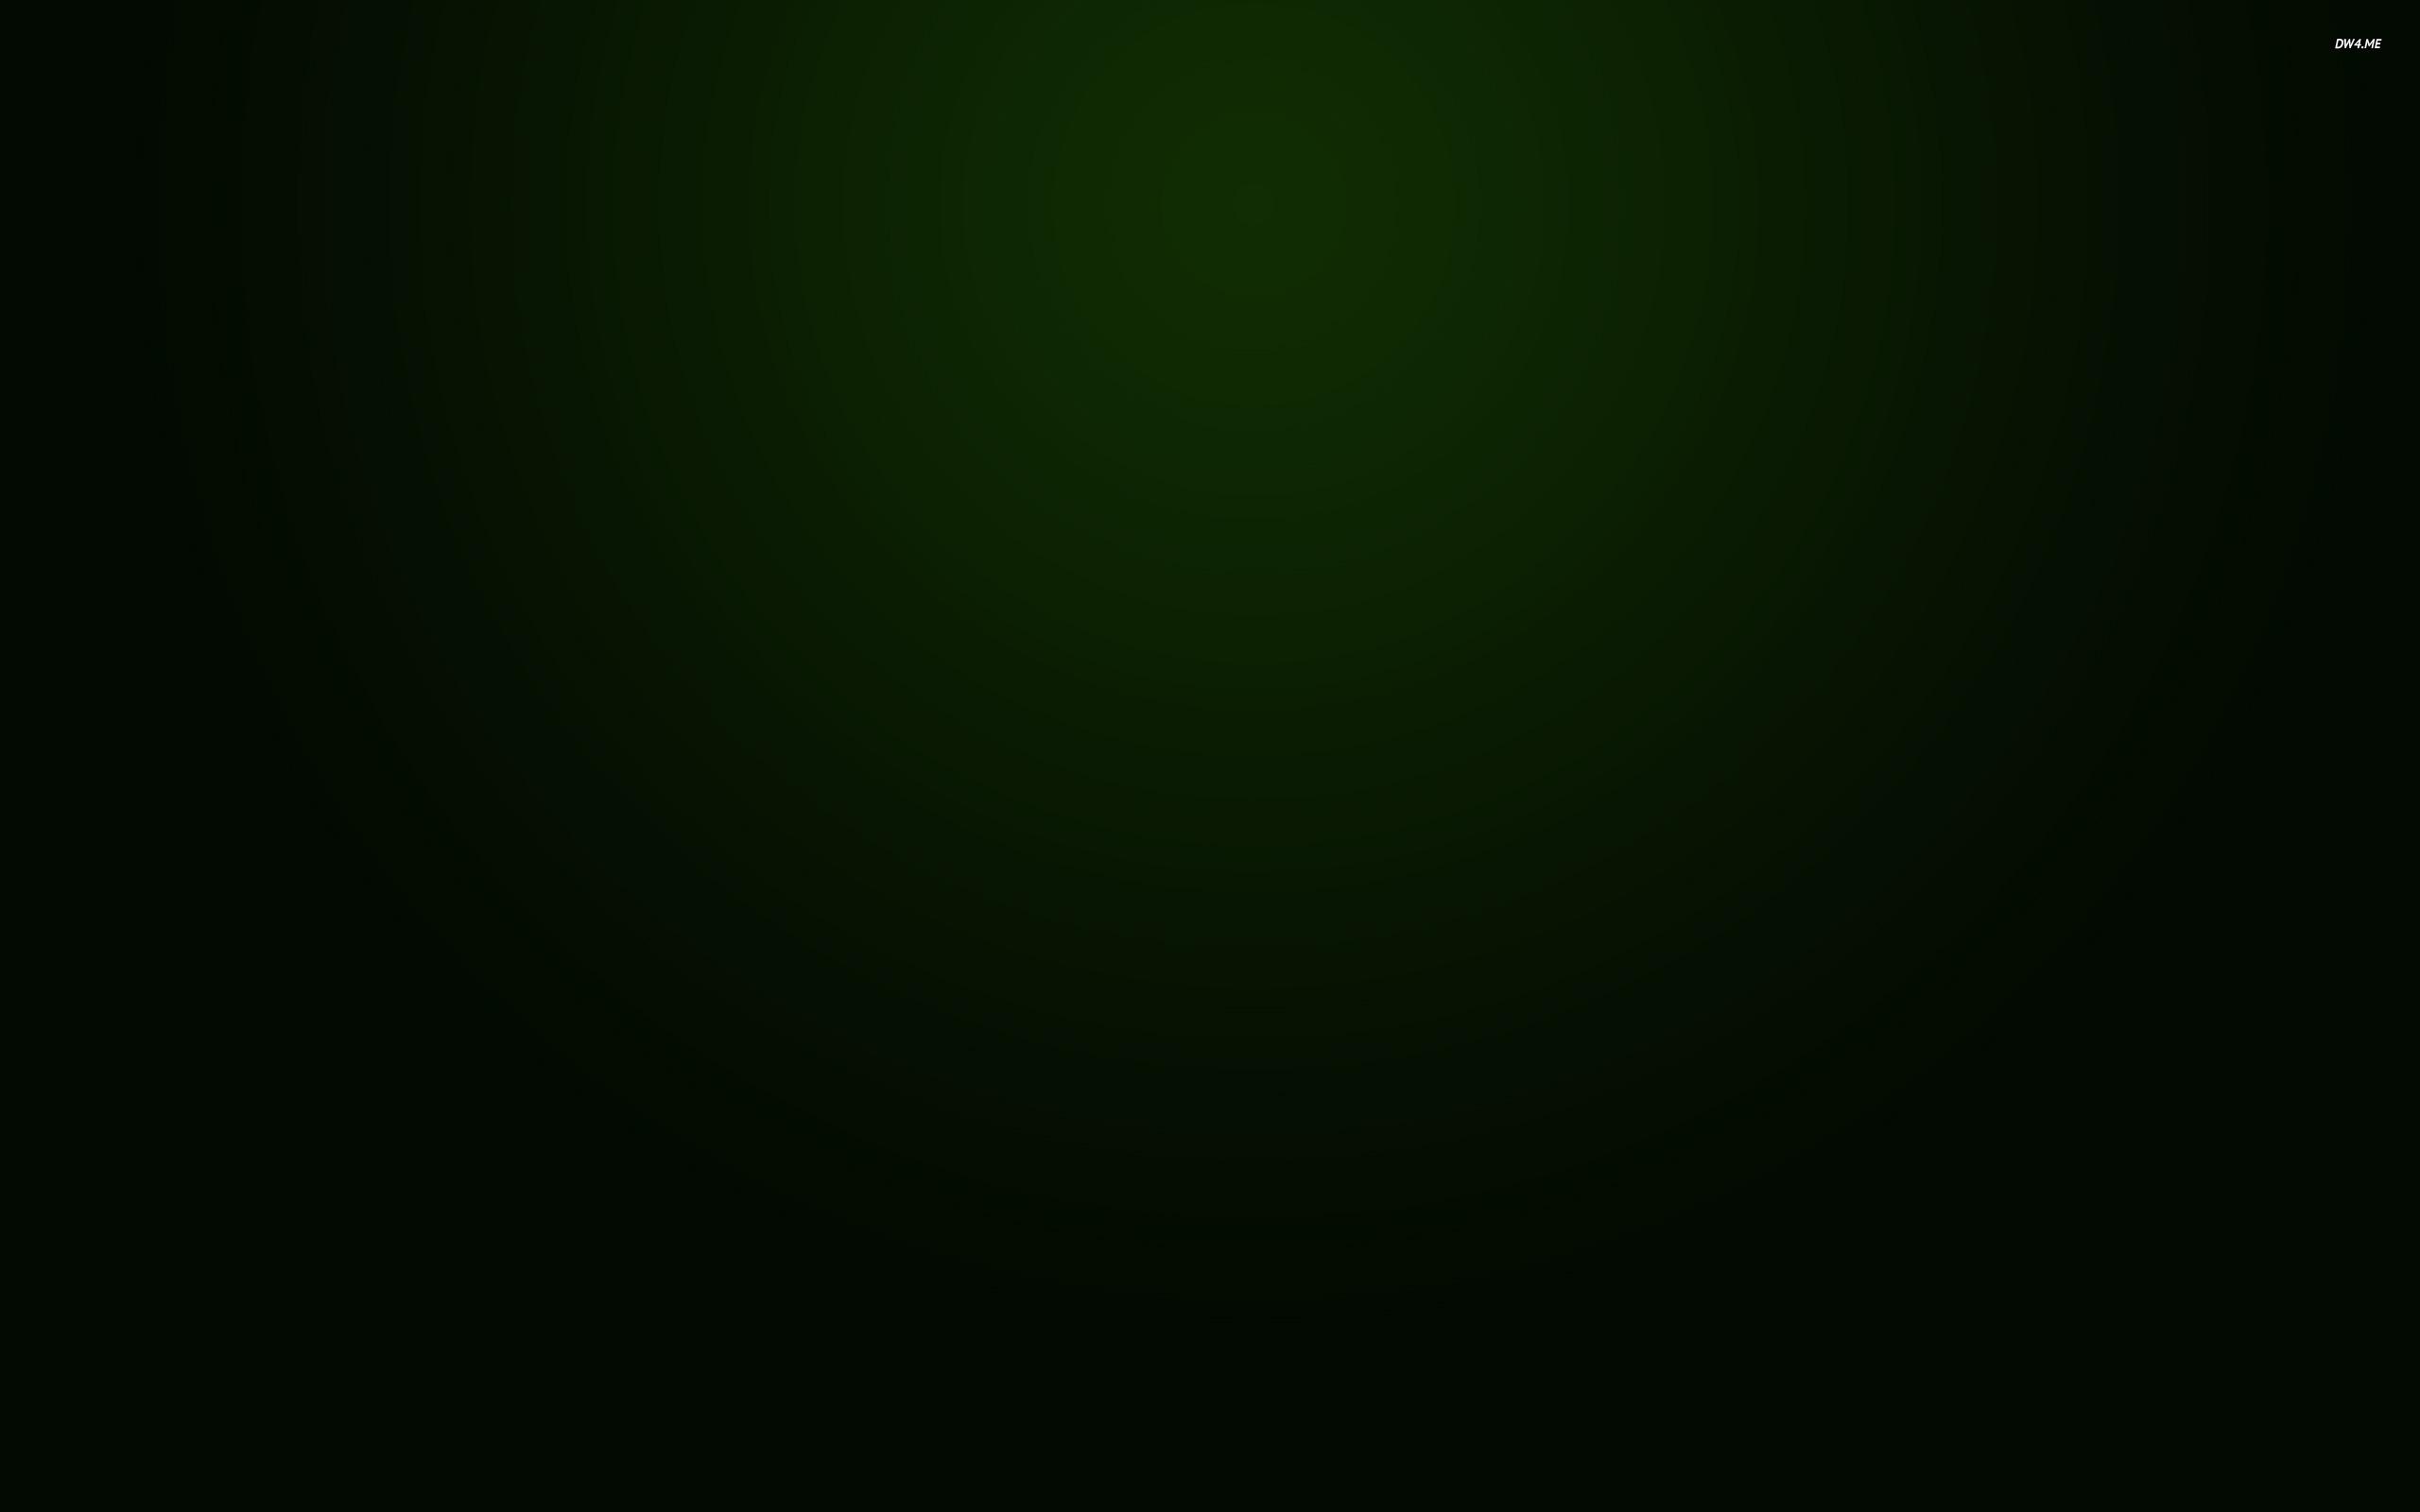 Green gradient wallpaper   Minimalistic wallpapers 2560x1600